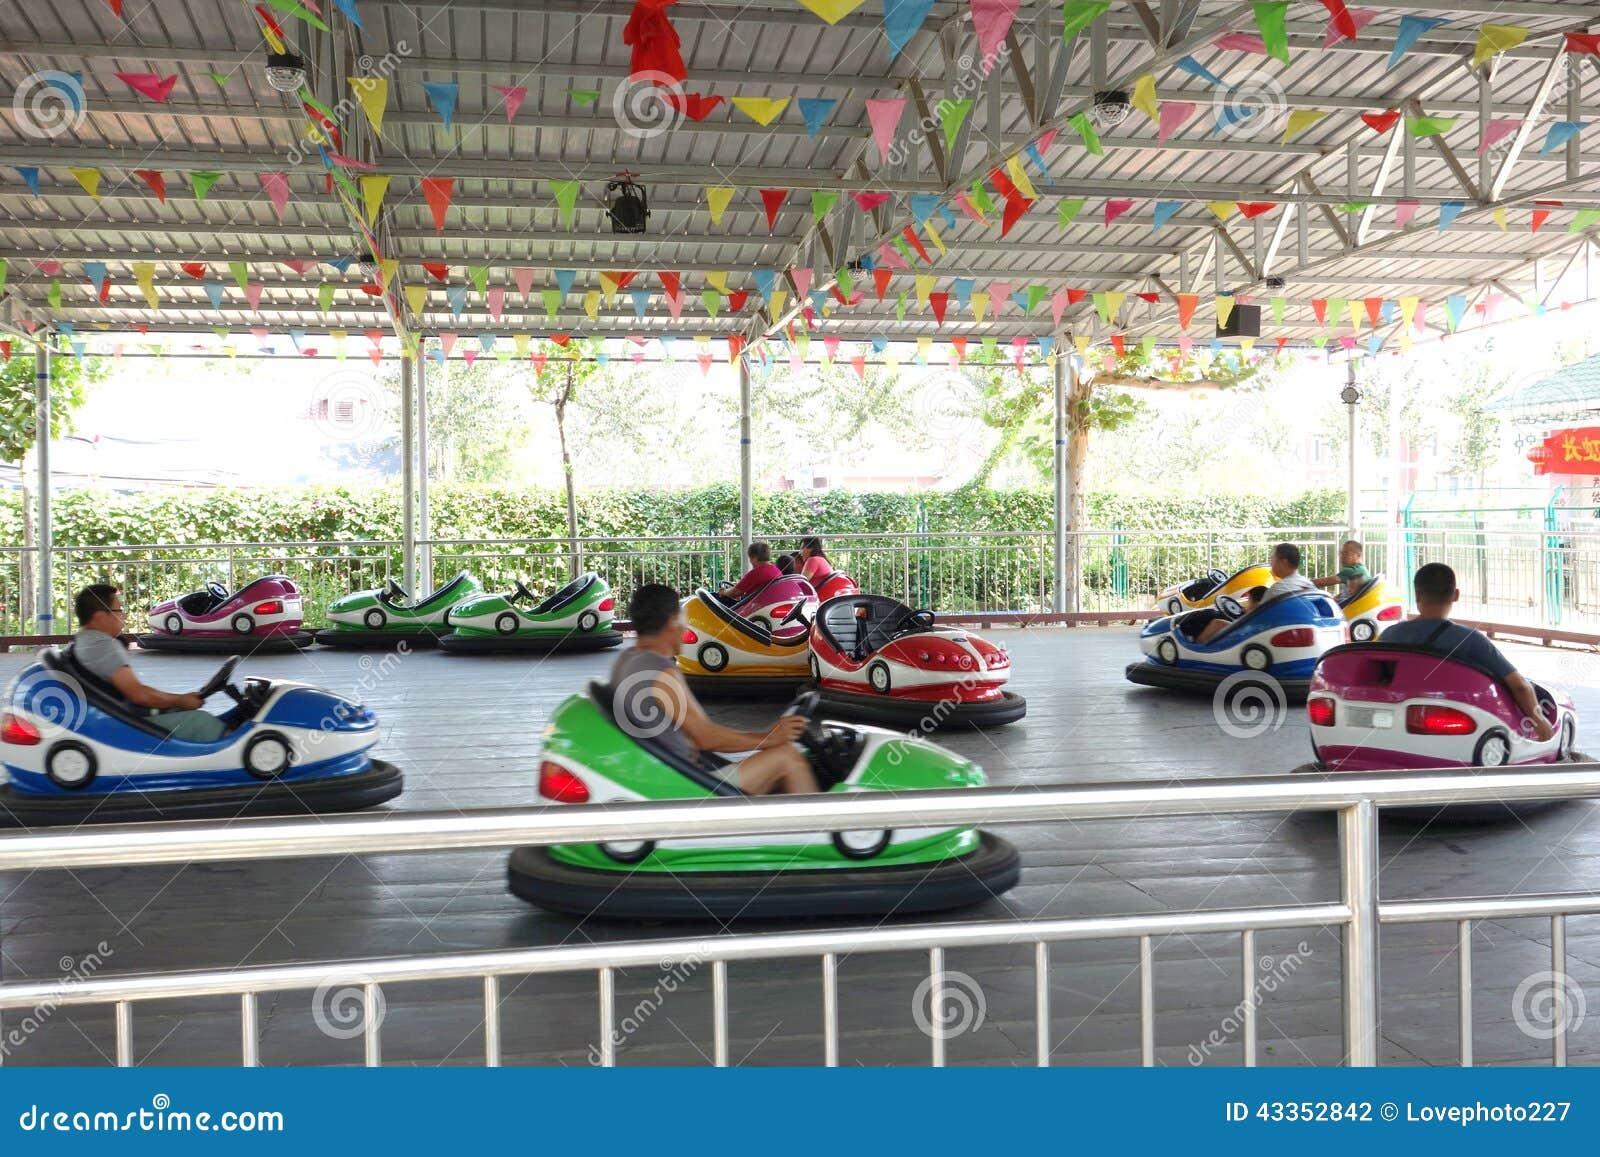 bumper cars in park